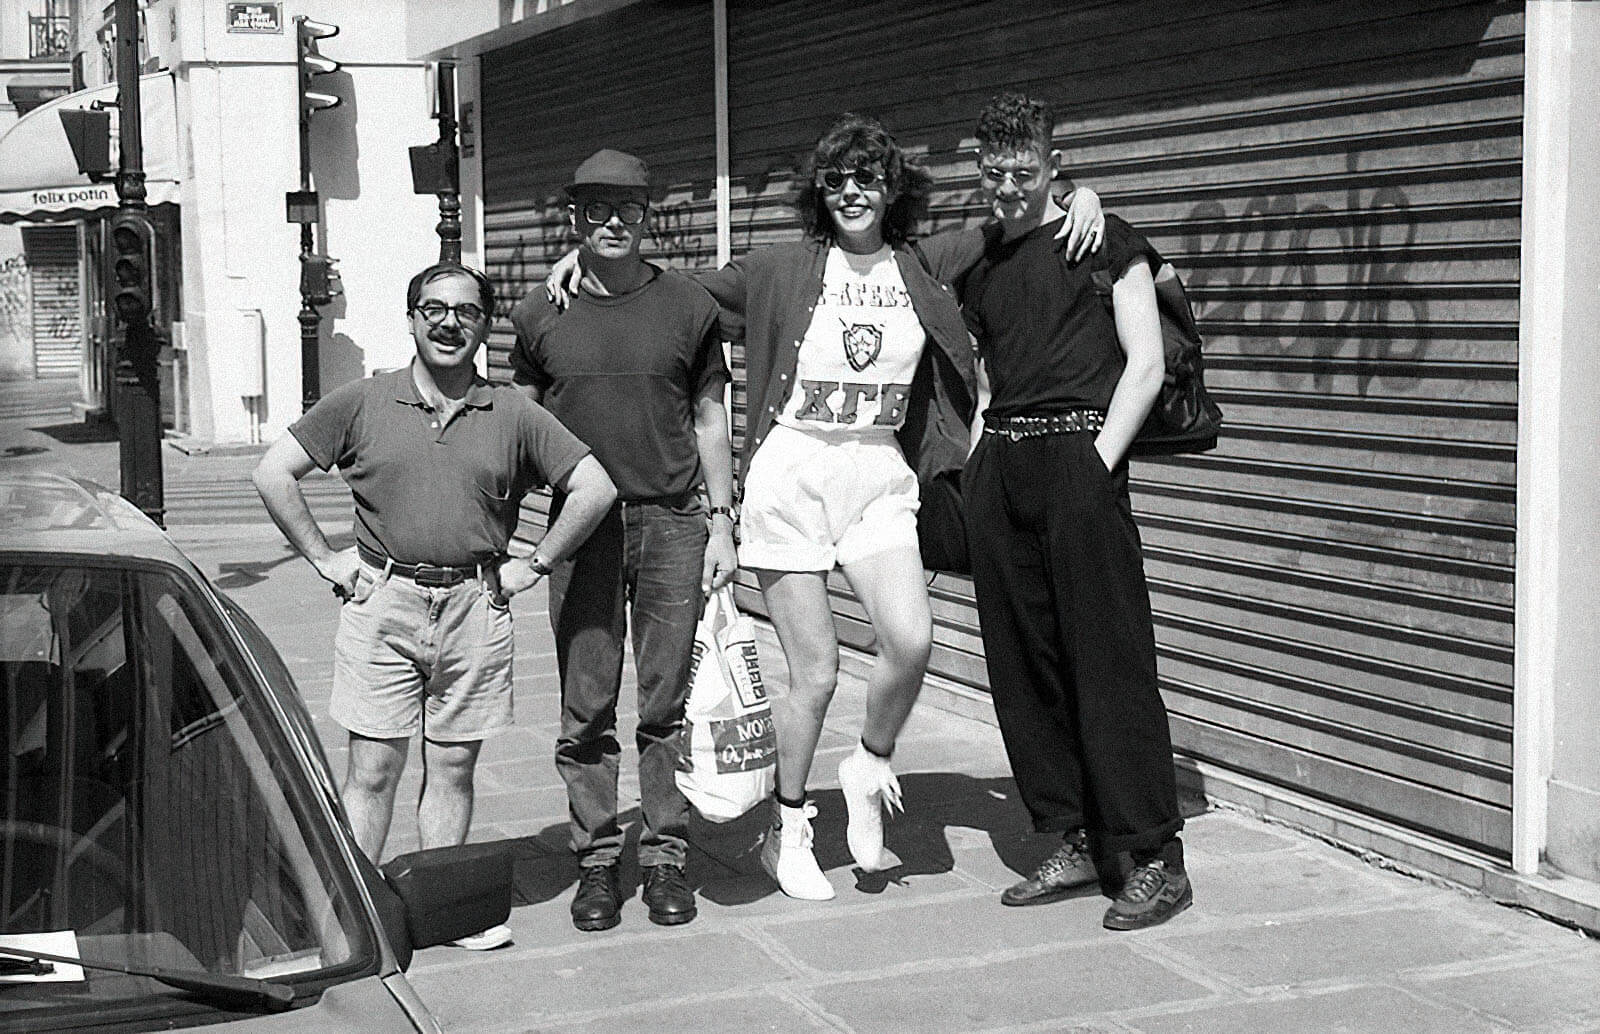 Эдуард Лимонов с Натальей Медведевой, Ярославом Могутиным и Марком Коэном, главным редактором L'Idiot International, Париж, 1992